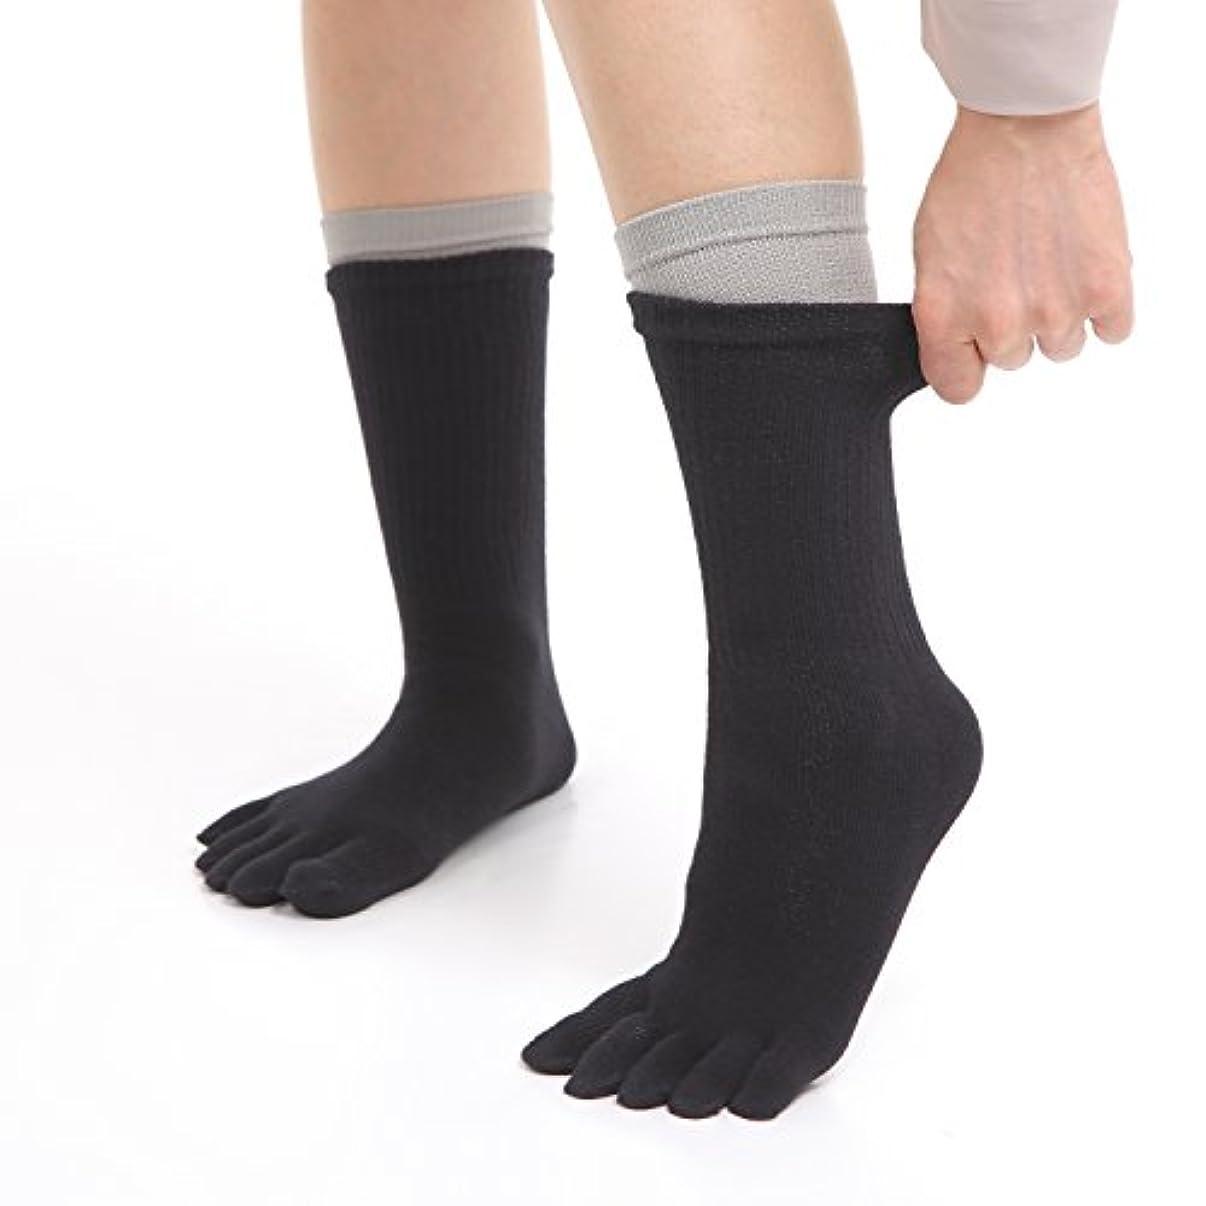 見落とす購入カテゴリーNANA 初心者向け冷えとり靴下 内シルク外コットンソックス 2足セット 5本指ソックス フリーサイズ シルク (グレー)